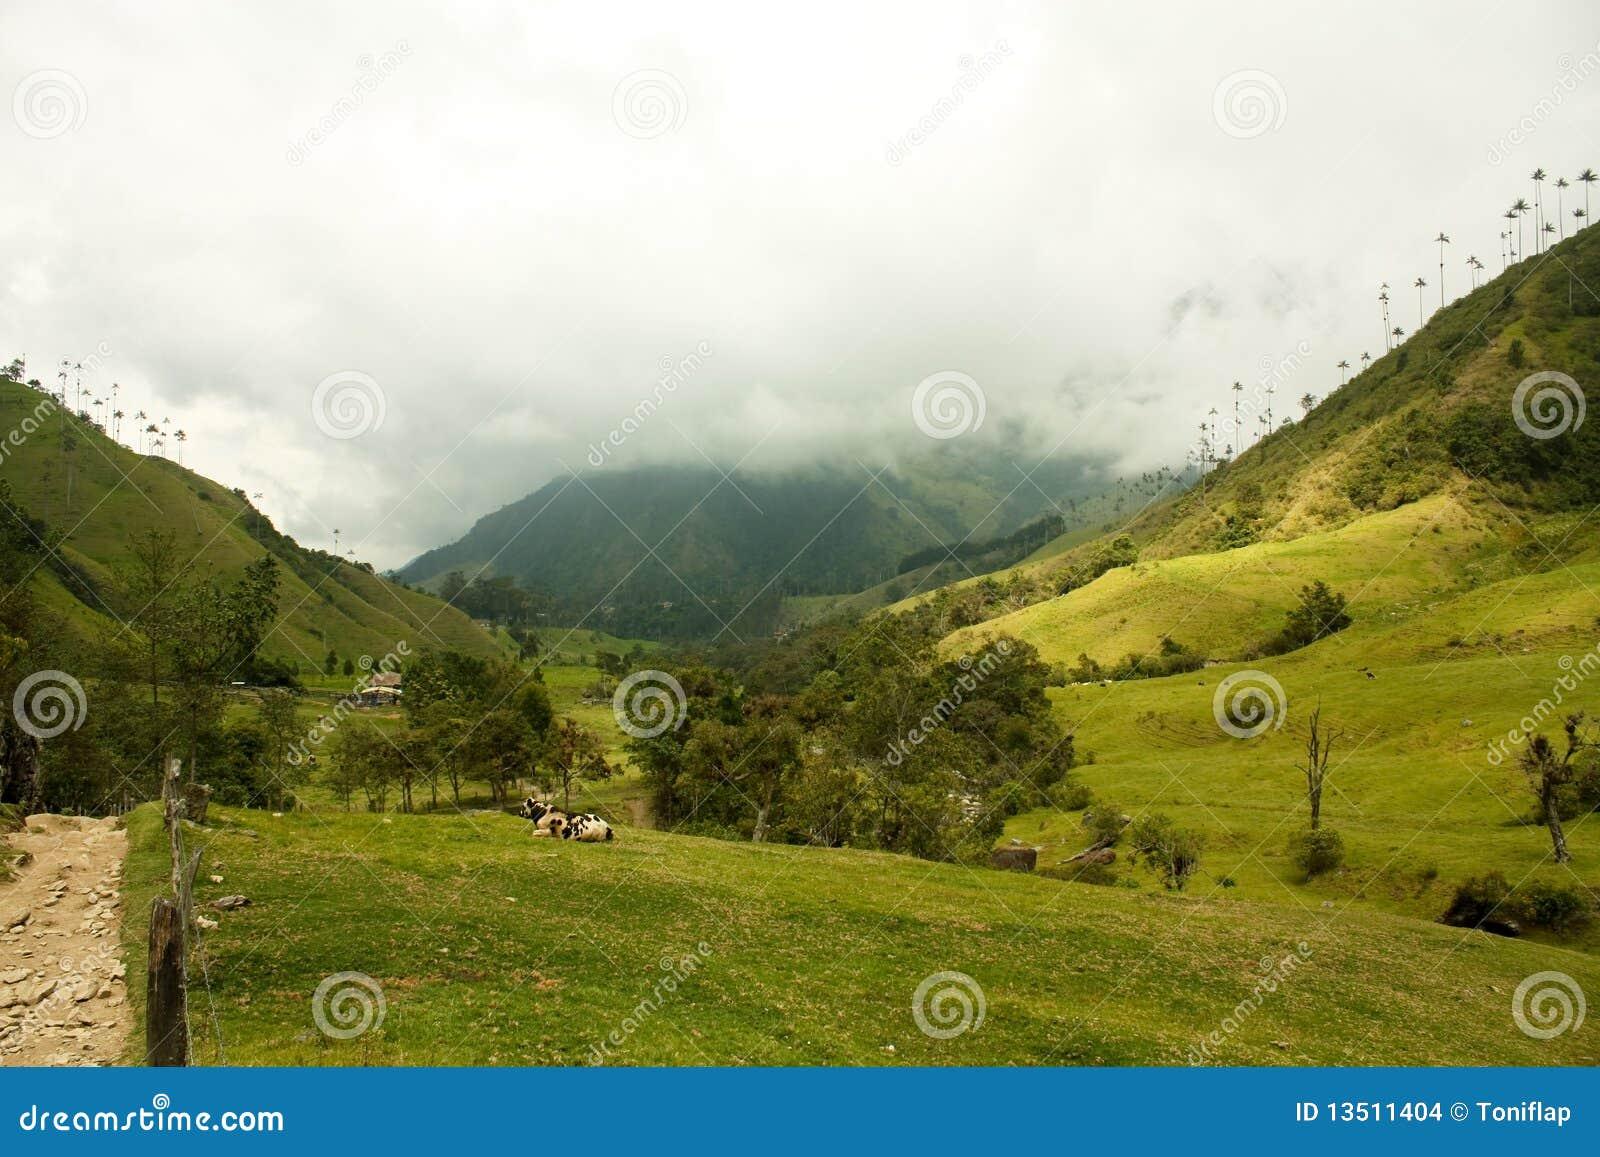 Vale de Cocora, parque natural de Colômbia